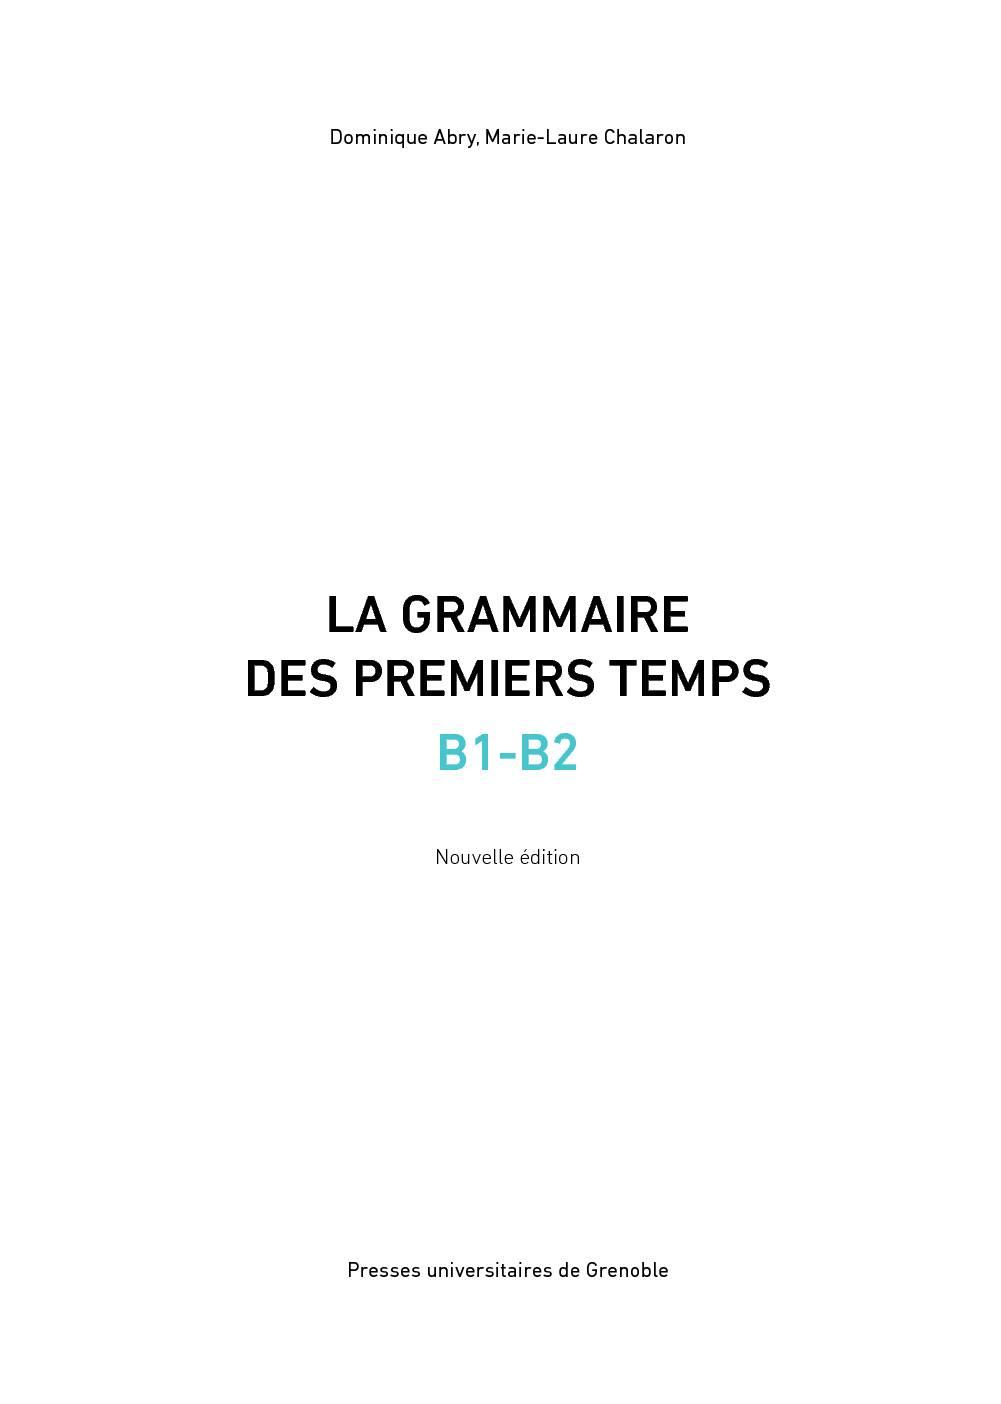 La grammaire des premiers temps